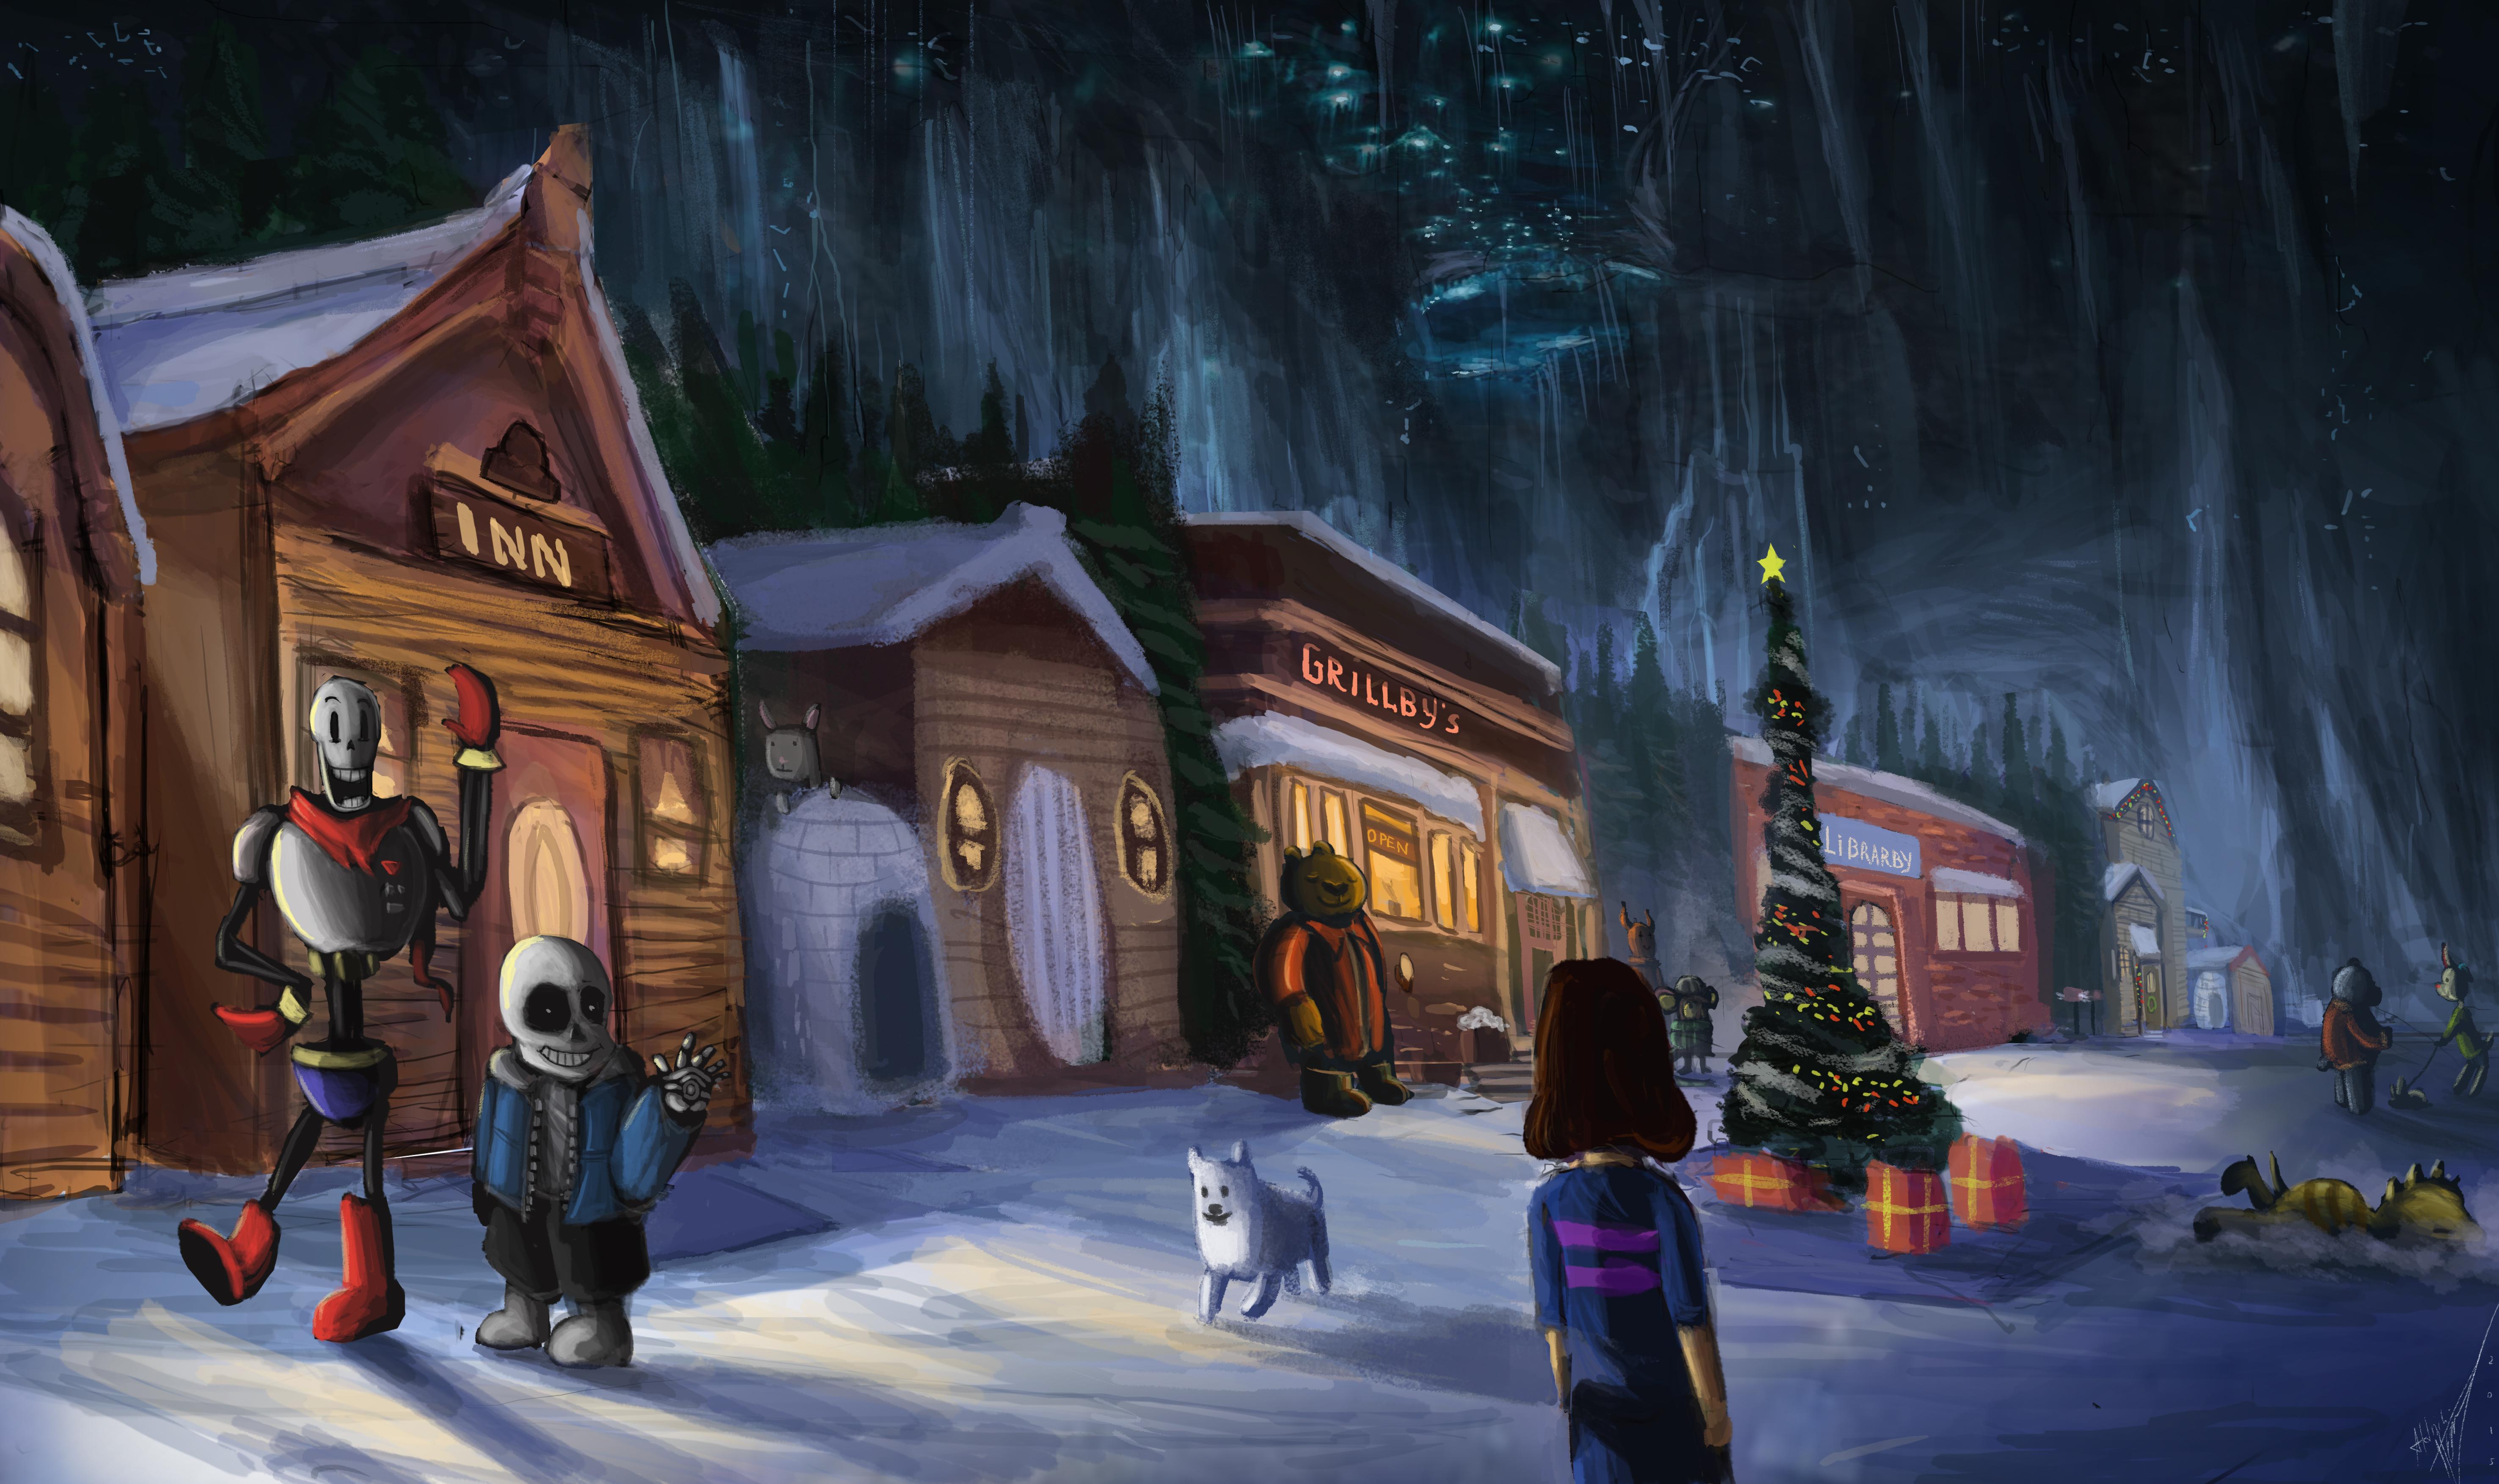 Snowdin town